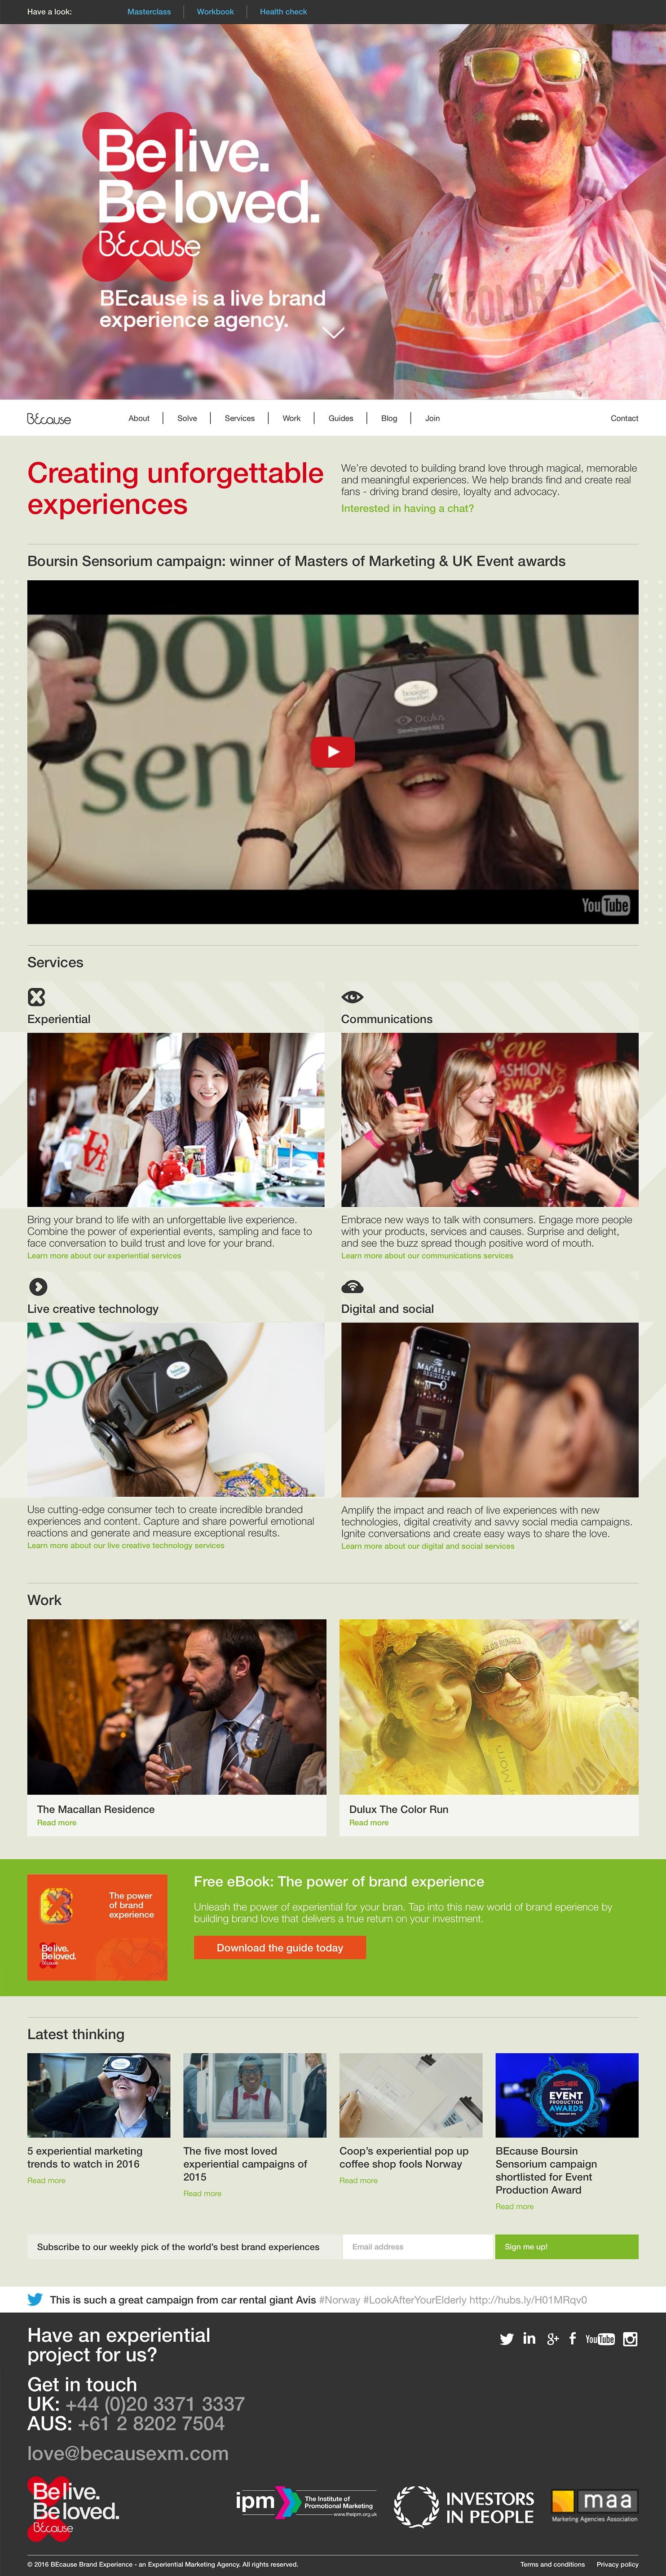 BecauseXM-Homepage-Tablet_HR.jpg